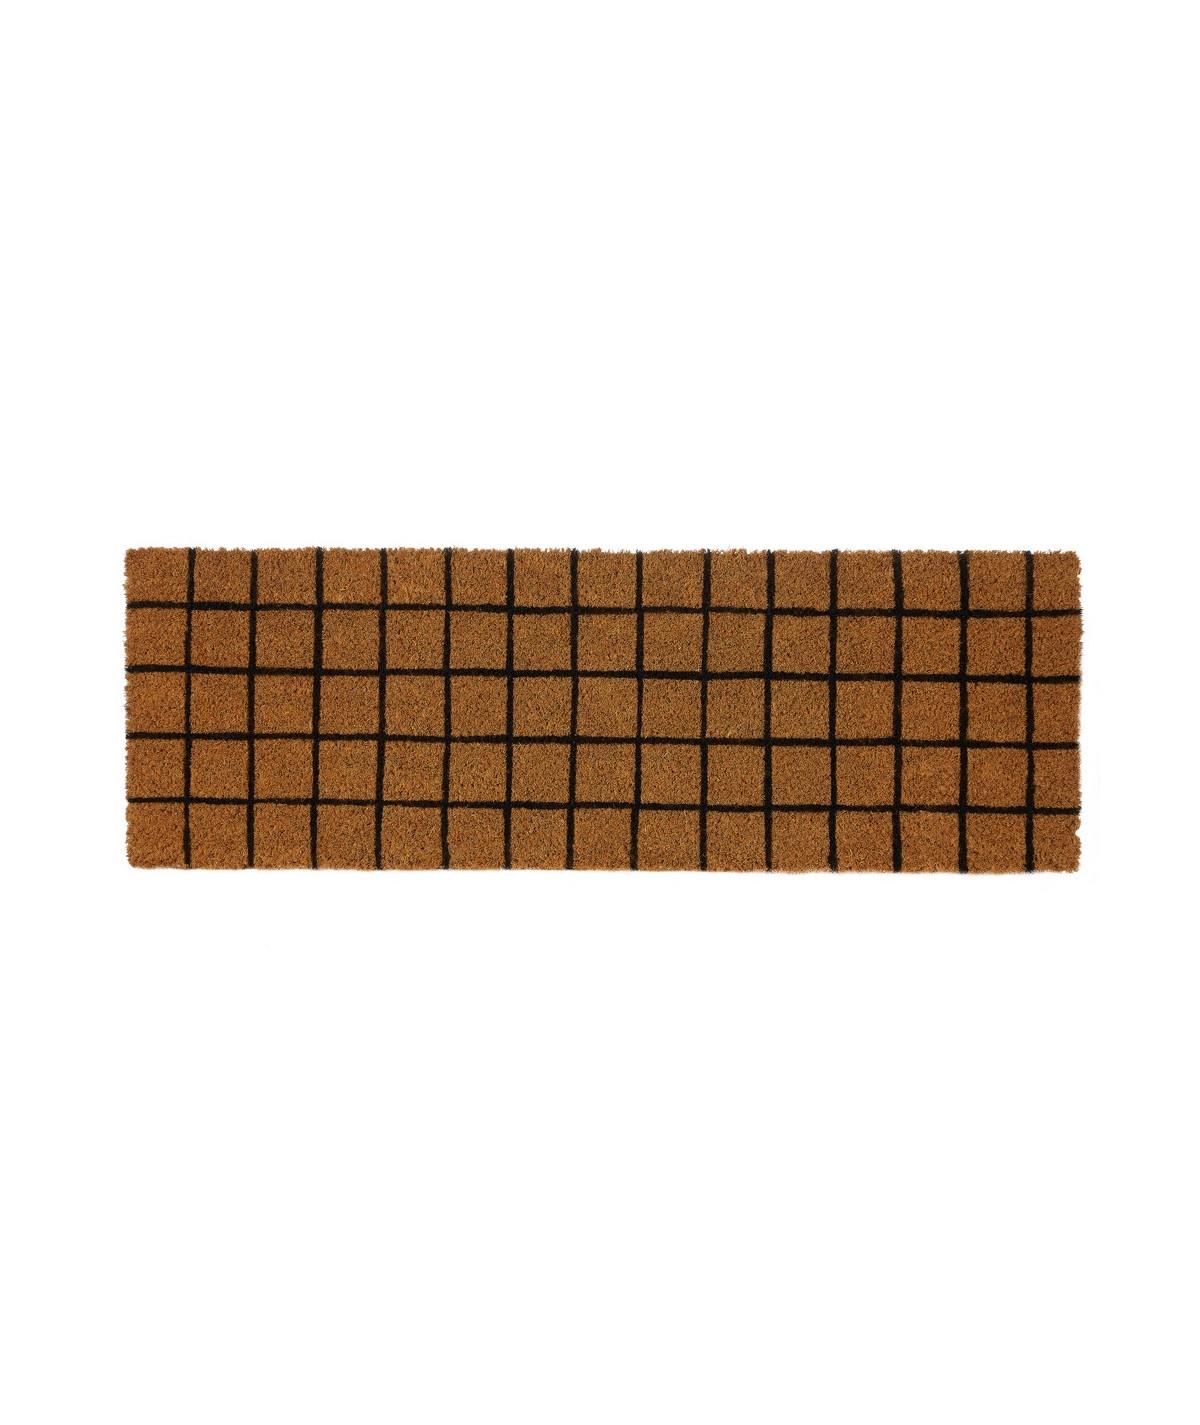 Paillasson coco allongé 75x25cm - Quadrillé noir |YESDEKO